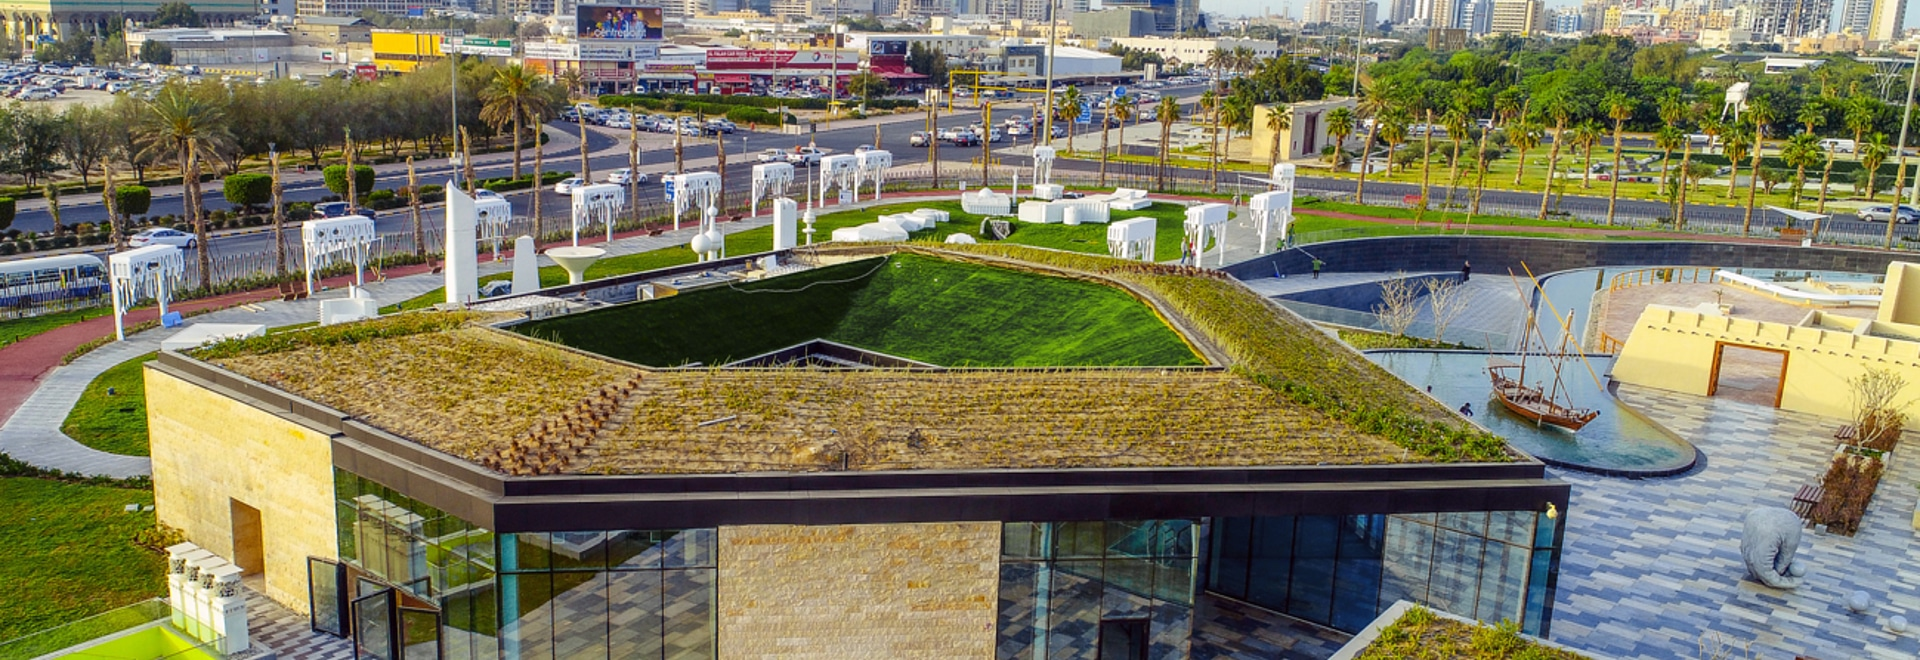 Al Shaheed Park